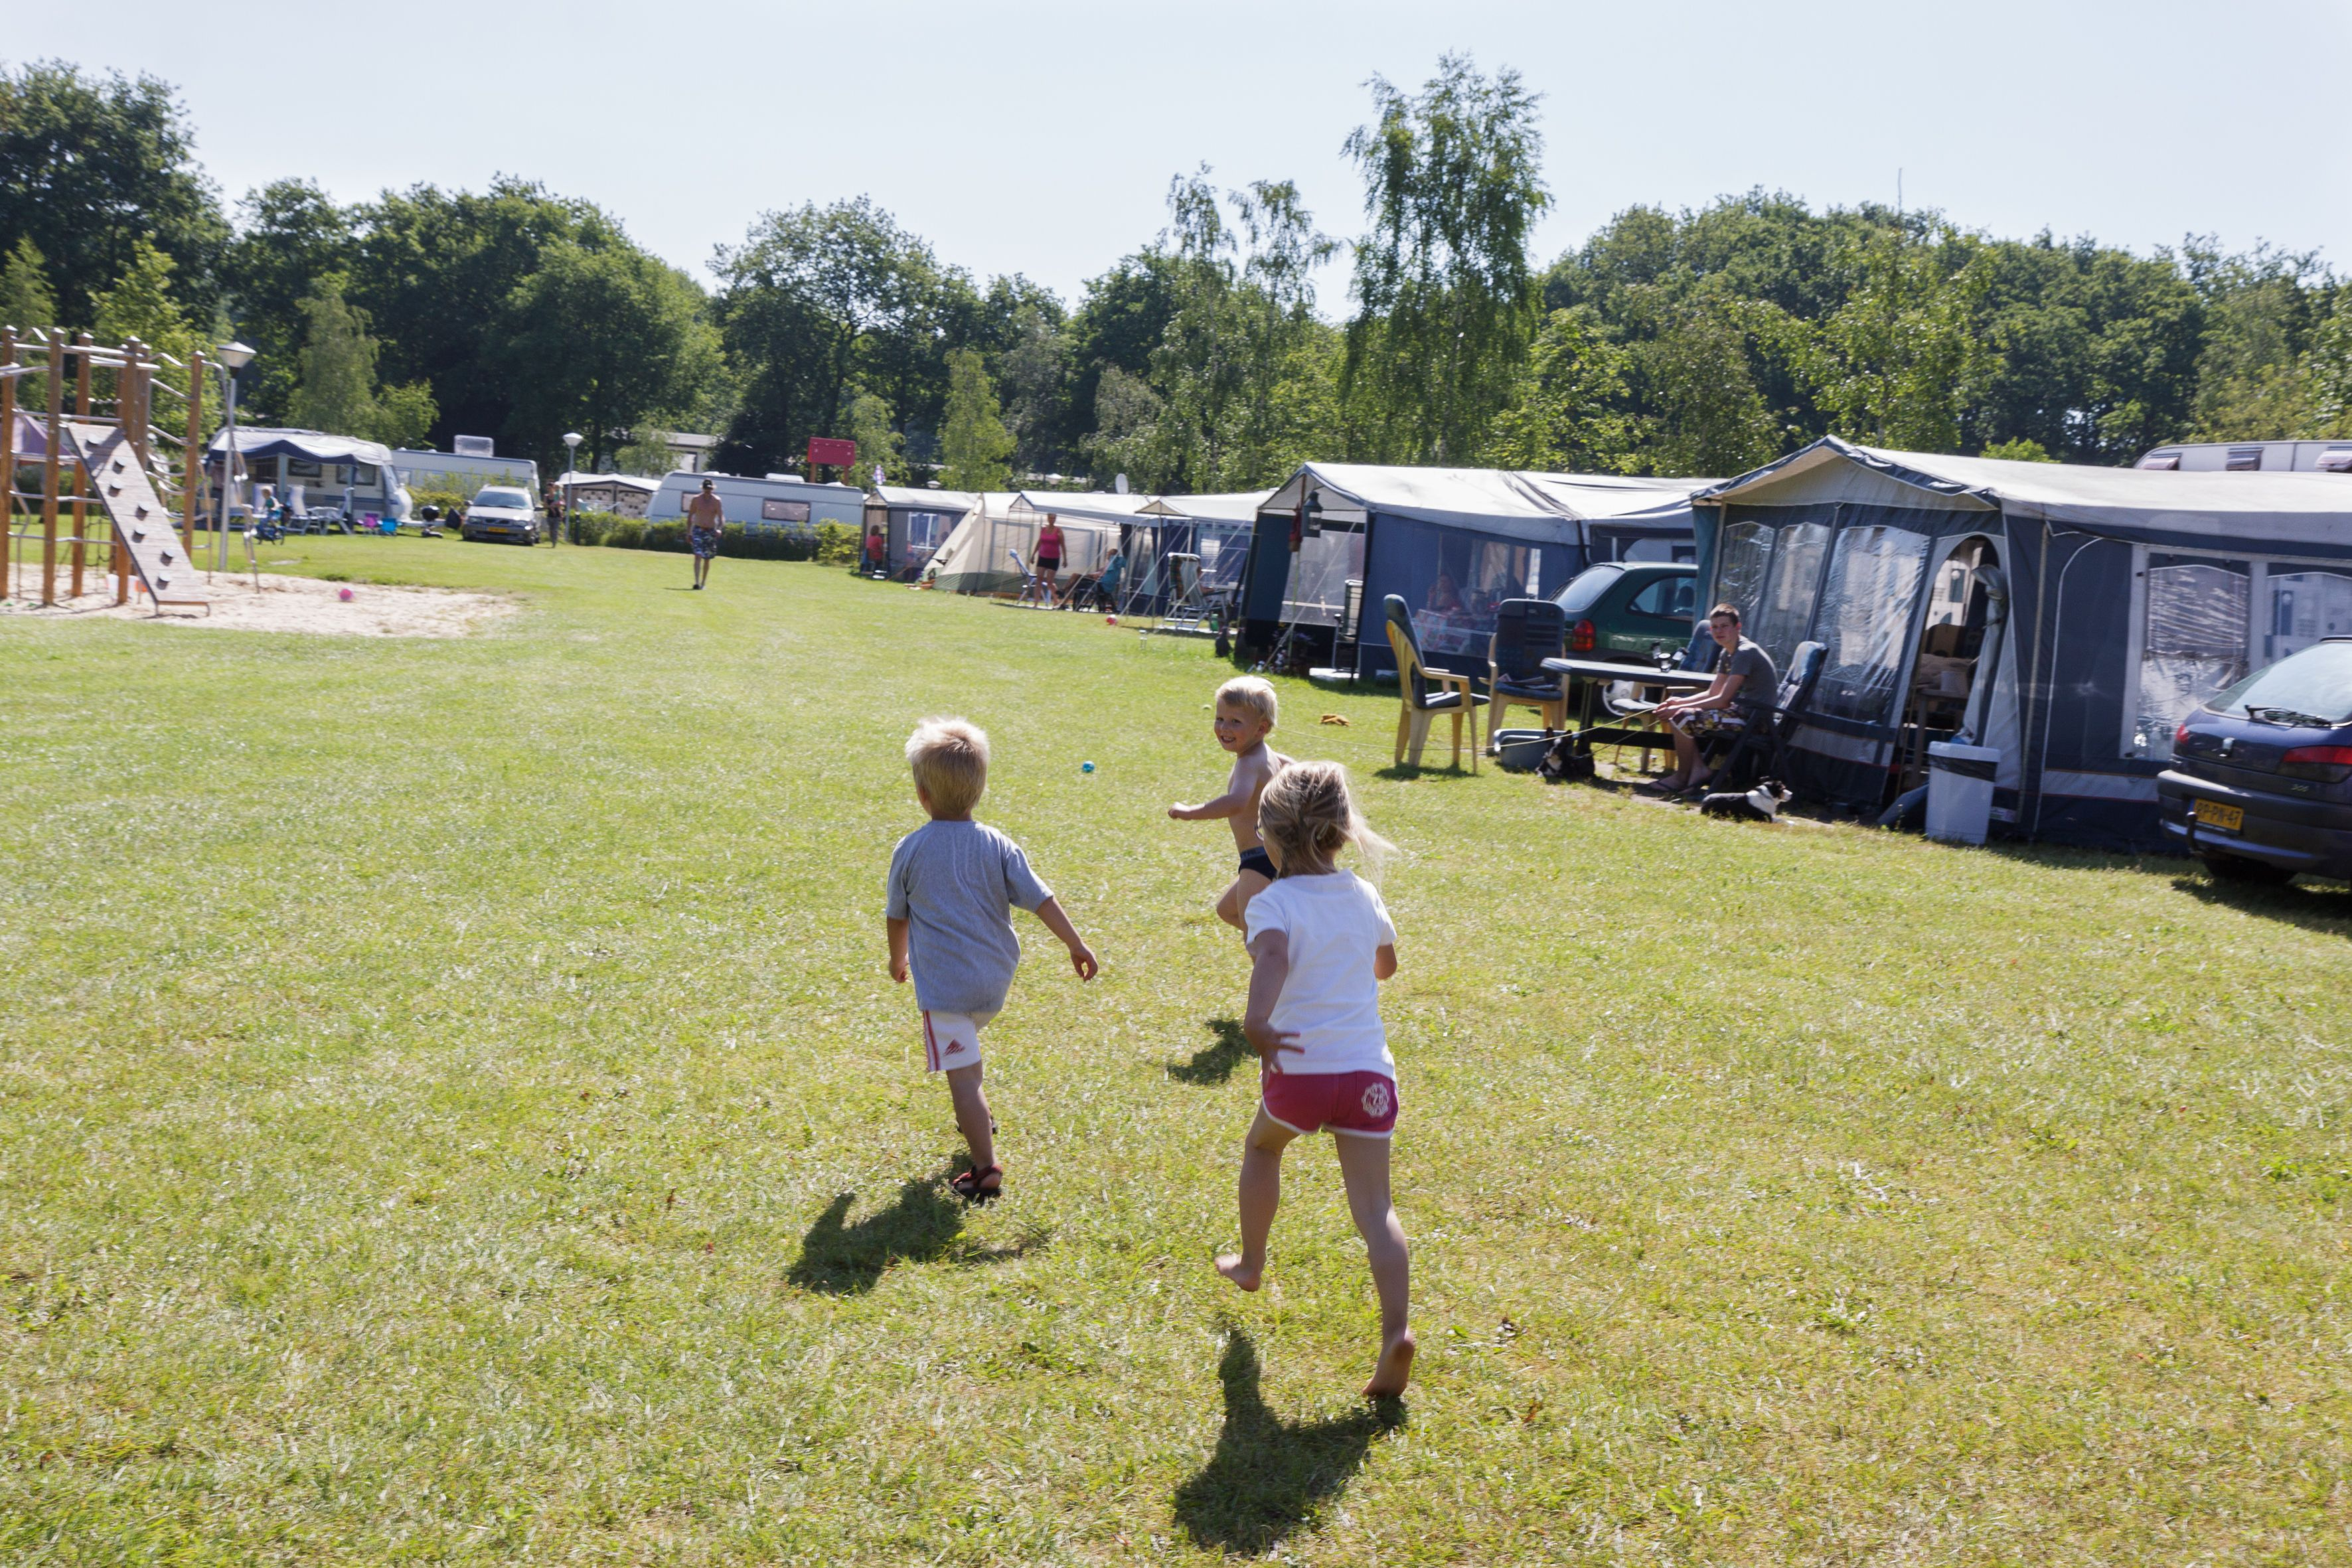 Standaard kampeerplaats. De ruime standaard kampeerplaatsen zijn voorzien van alle gemakken.  https://www.devossenburcht.nl/familiecamping/standaard-kampeerplaats/